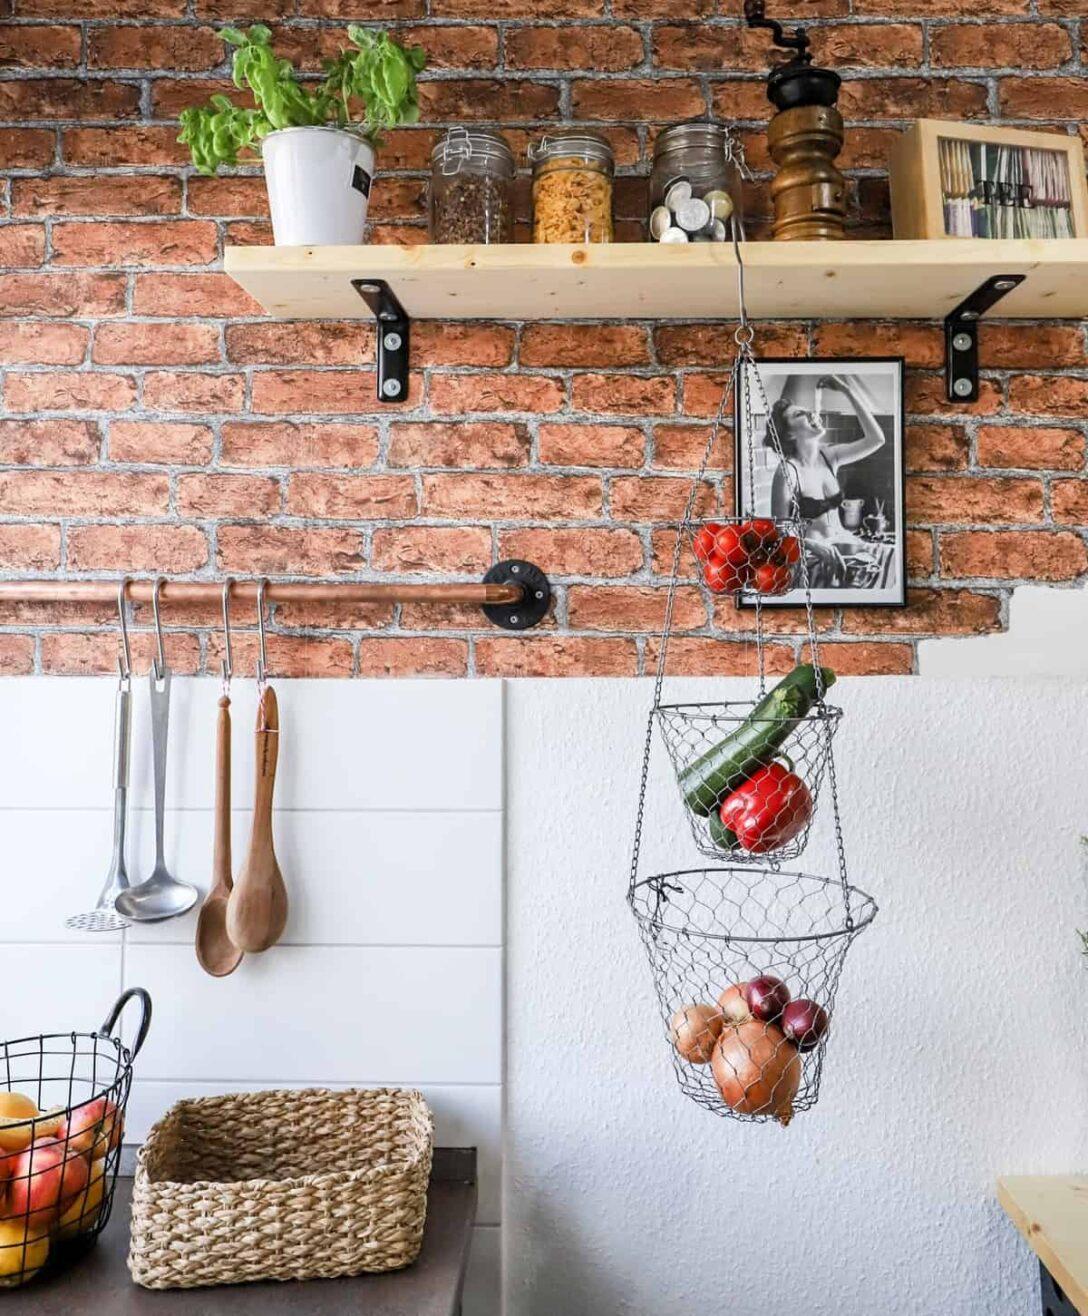 Large Size of Ikea Küche Kosten Stecksystem Regal Einbau Mülleimer Lederpflege Sofa Nach Maß Günstig Pendeltür Pinolino Bett Bad Gastein Therme Reinigen Wohnzimmer Regal In Der Küche